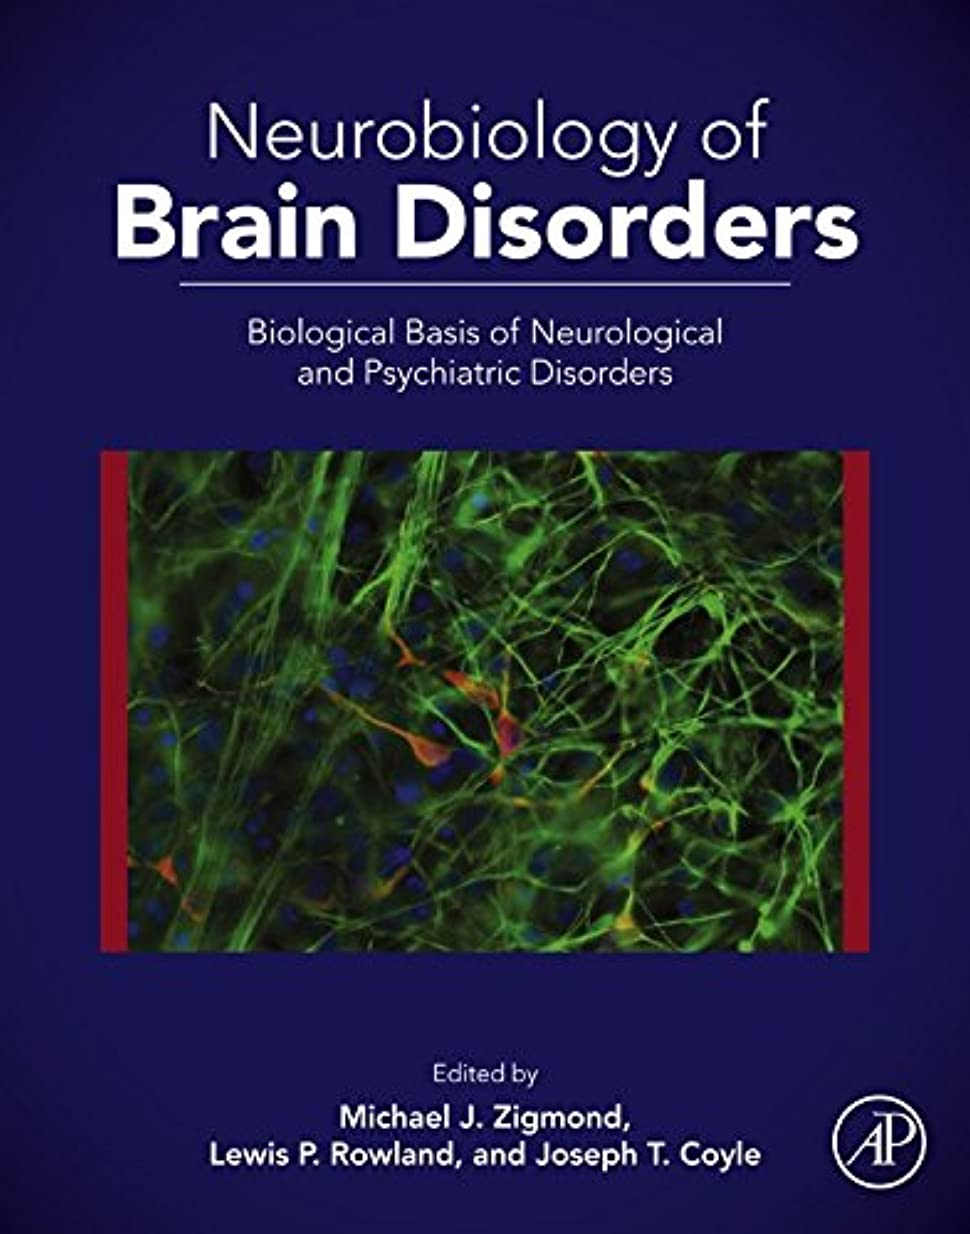 植物のレバー放課後Neurobiology of Brain Disorders: Biological Basis of Neurological and Psychiatric Disorders (English Edition)